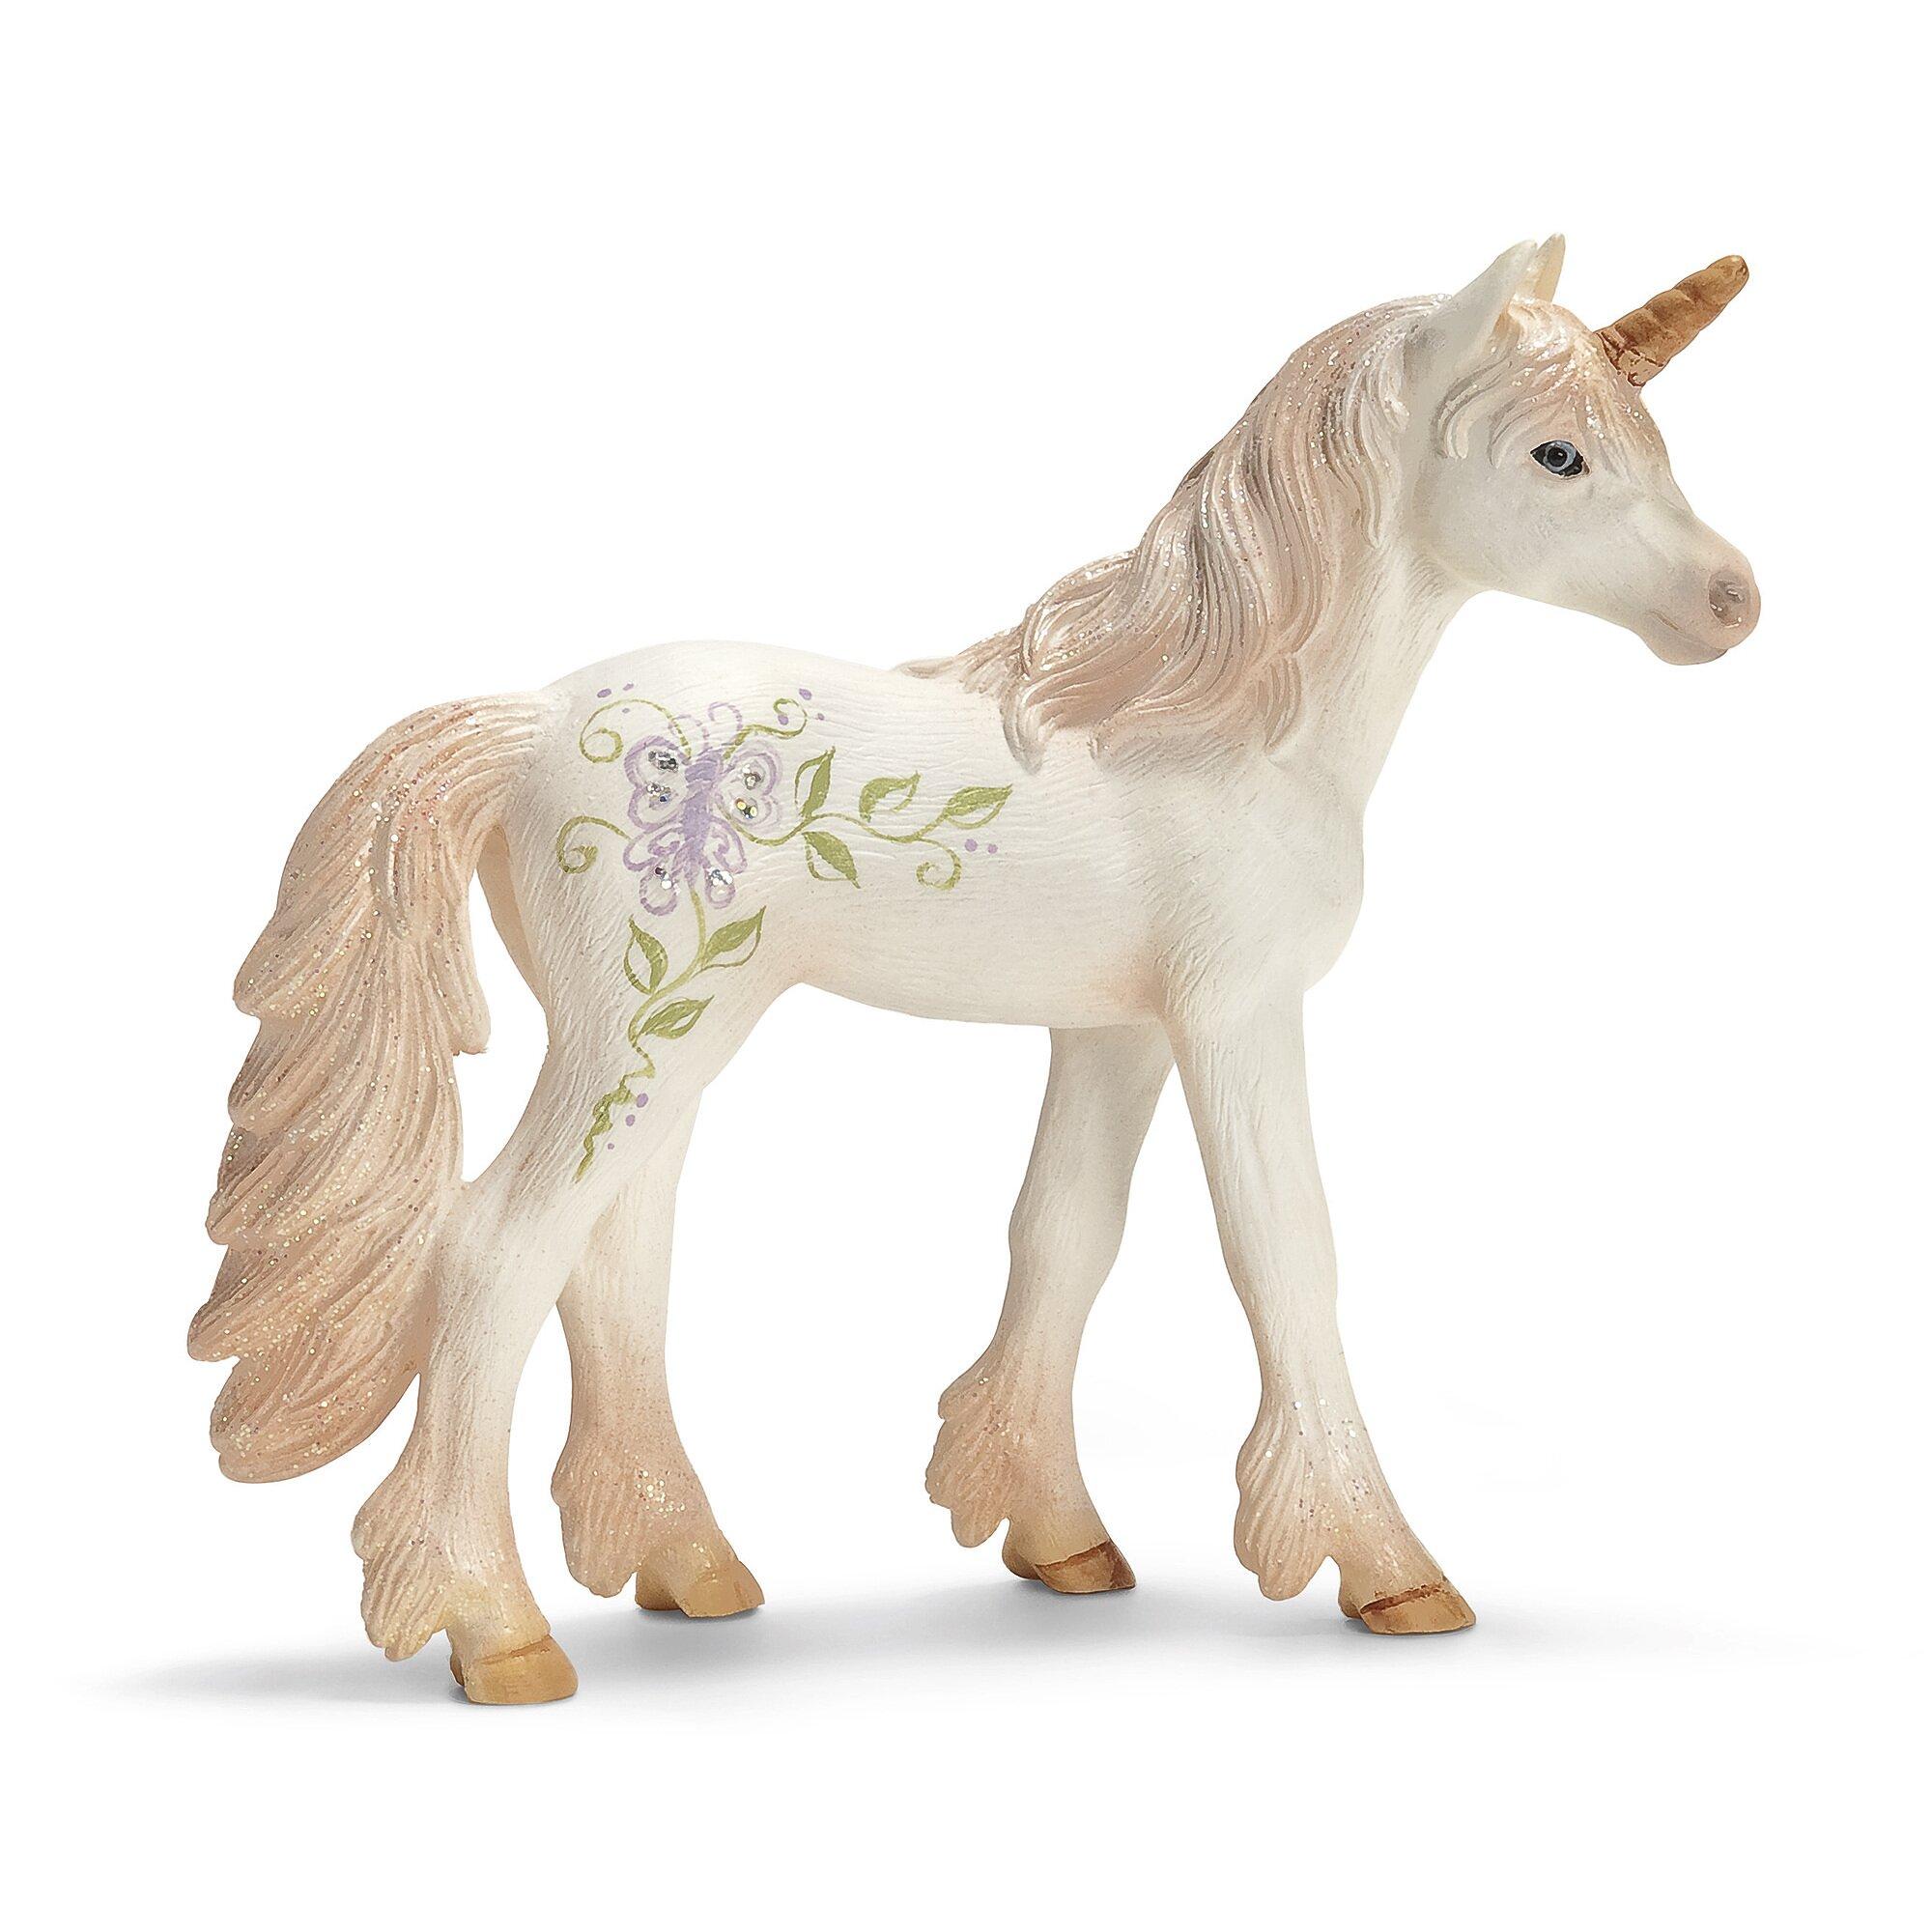 Promotion le poulain licorne chez baby walz - Code promo baby walz frais de port gratuit ...